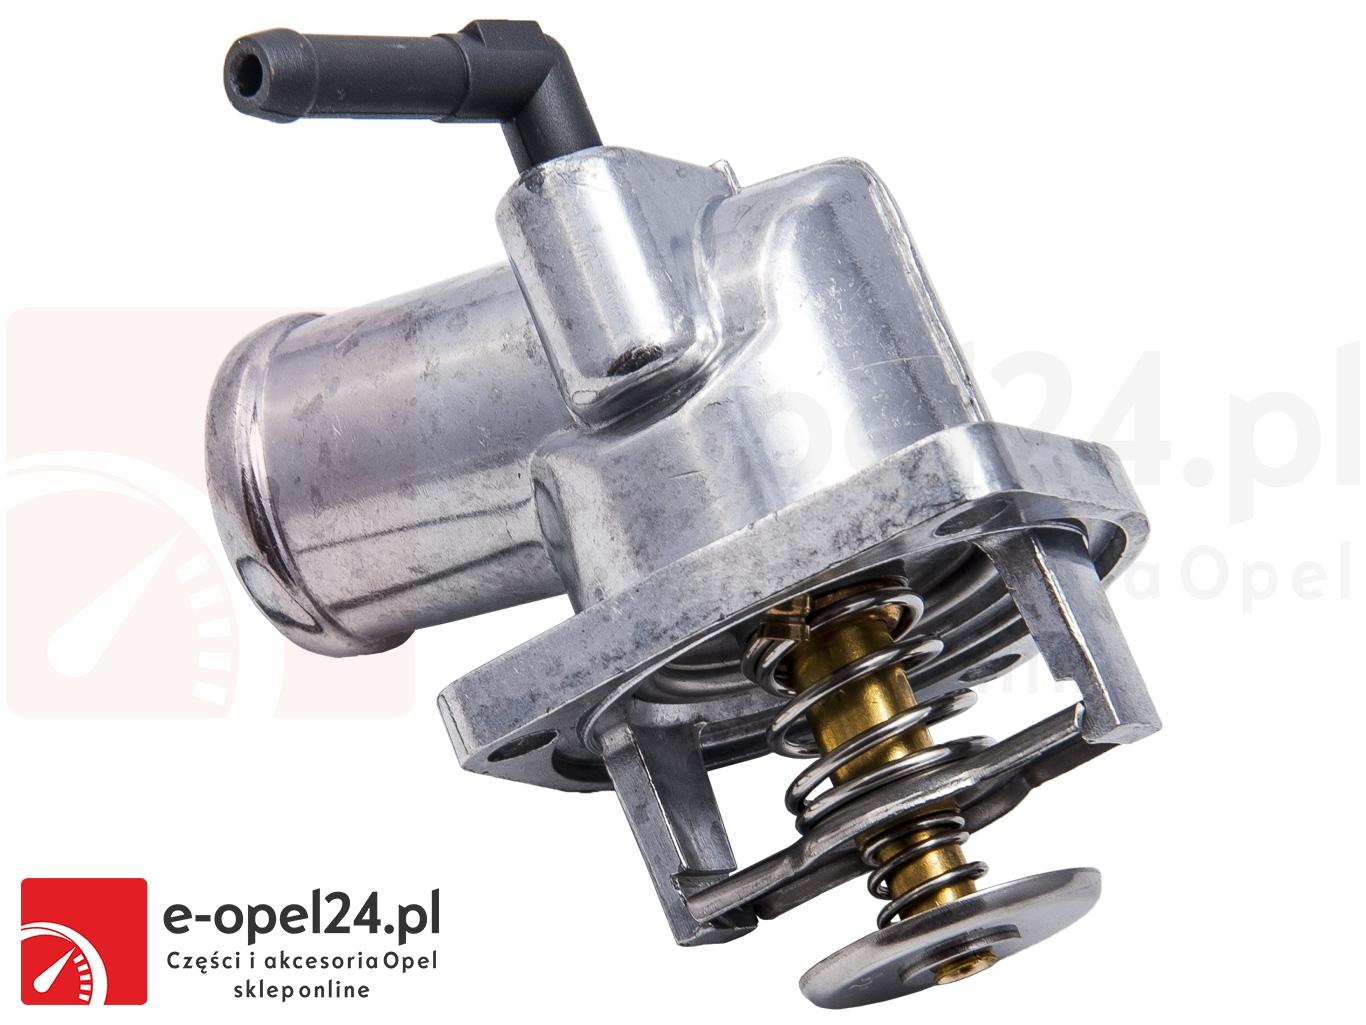 Termostat 1338003 / 9129907 Opel Astra G / Corsa C / Meriva A / Vectra B / Vectra C / Zafira A B - 1.4 / 1.6